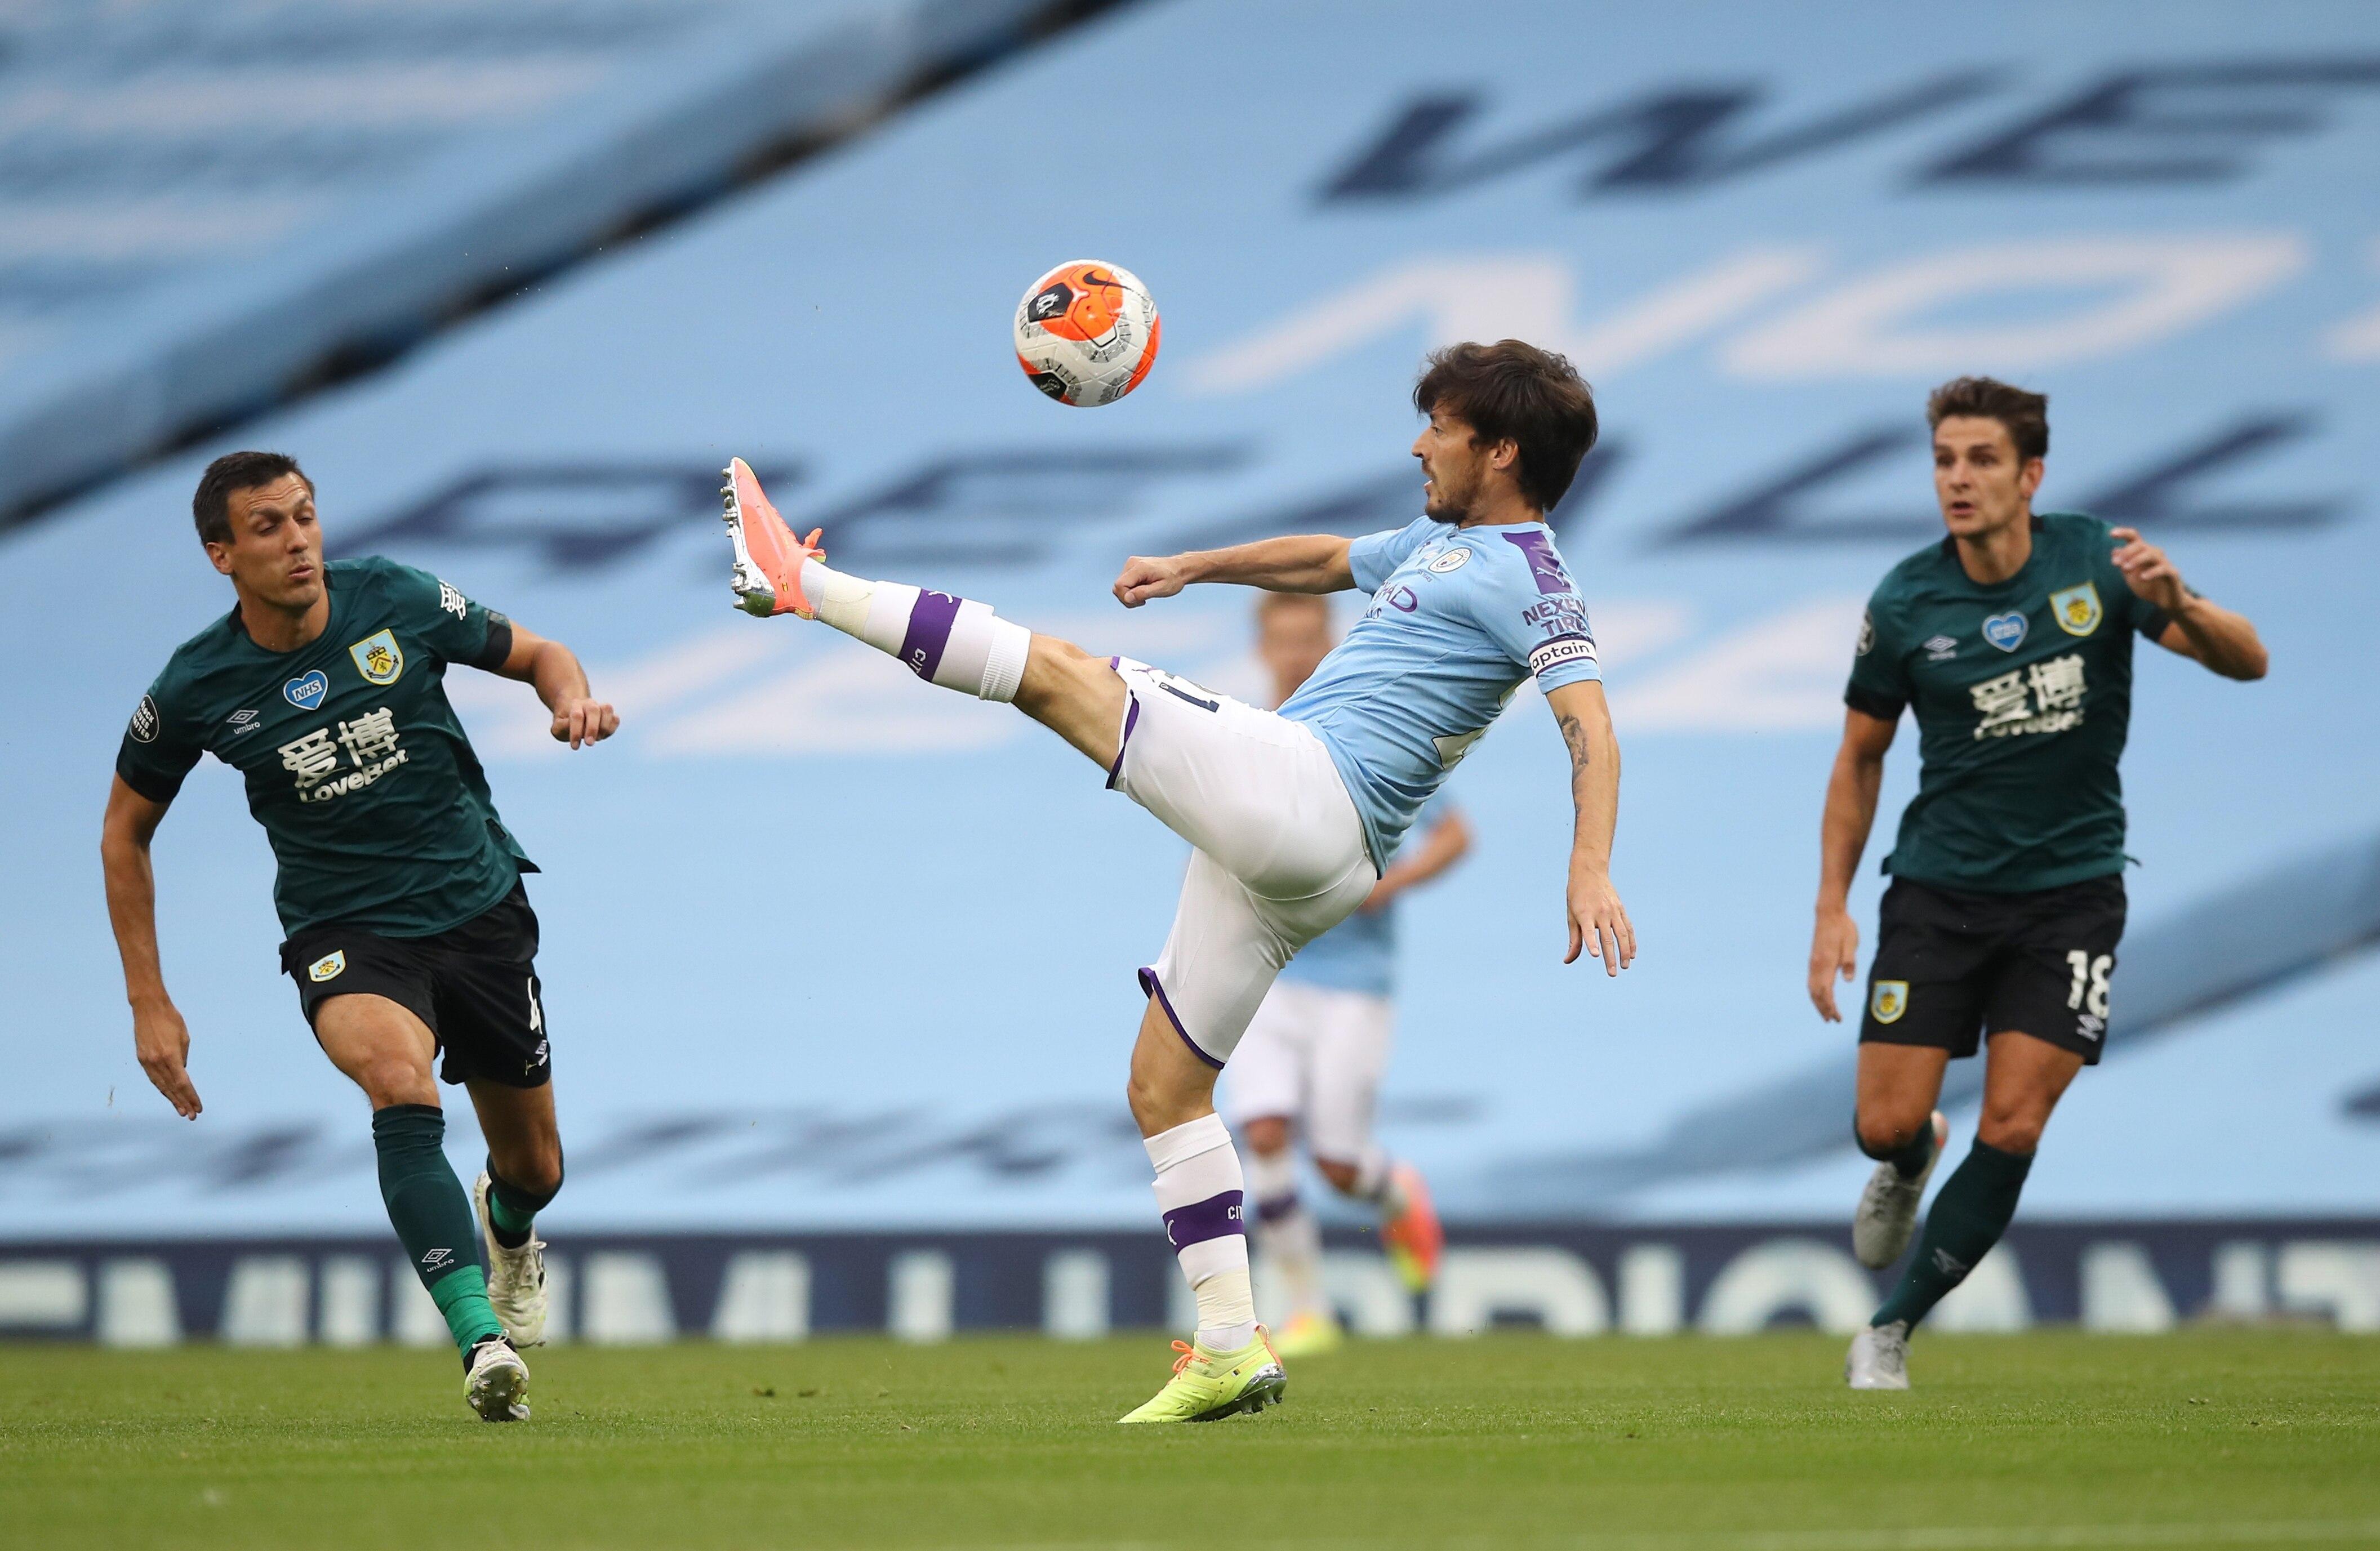 Con Agüero de titular, el Manchester City se impone ante el Burnley en un duelo de especial interés para el Liverpool - Infobae